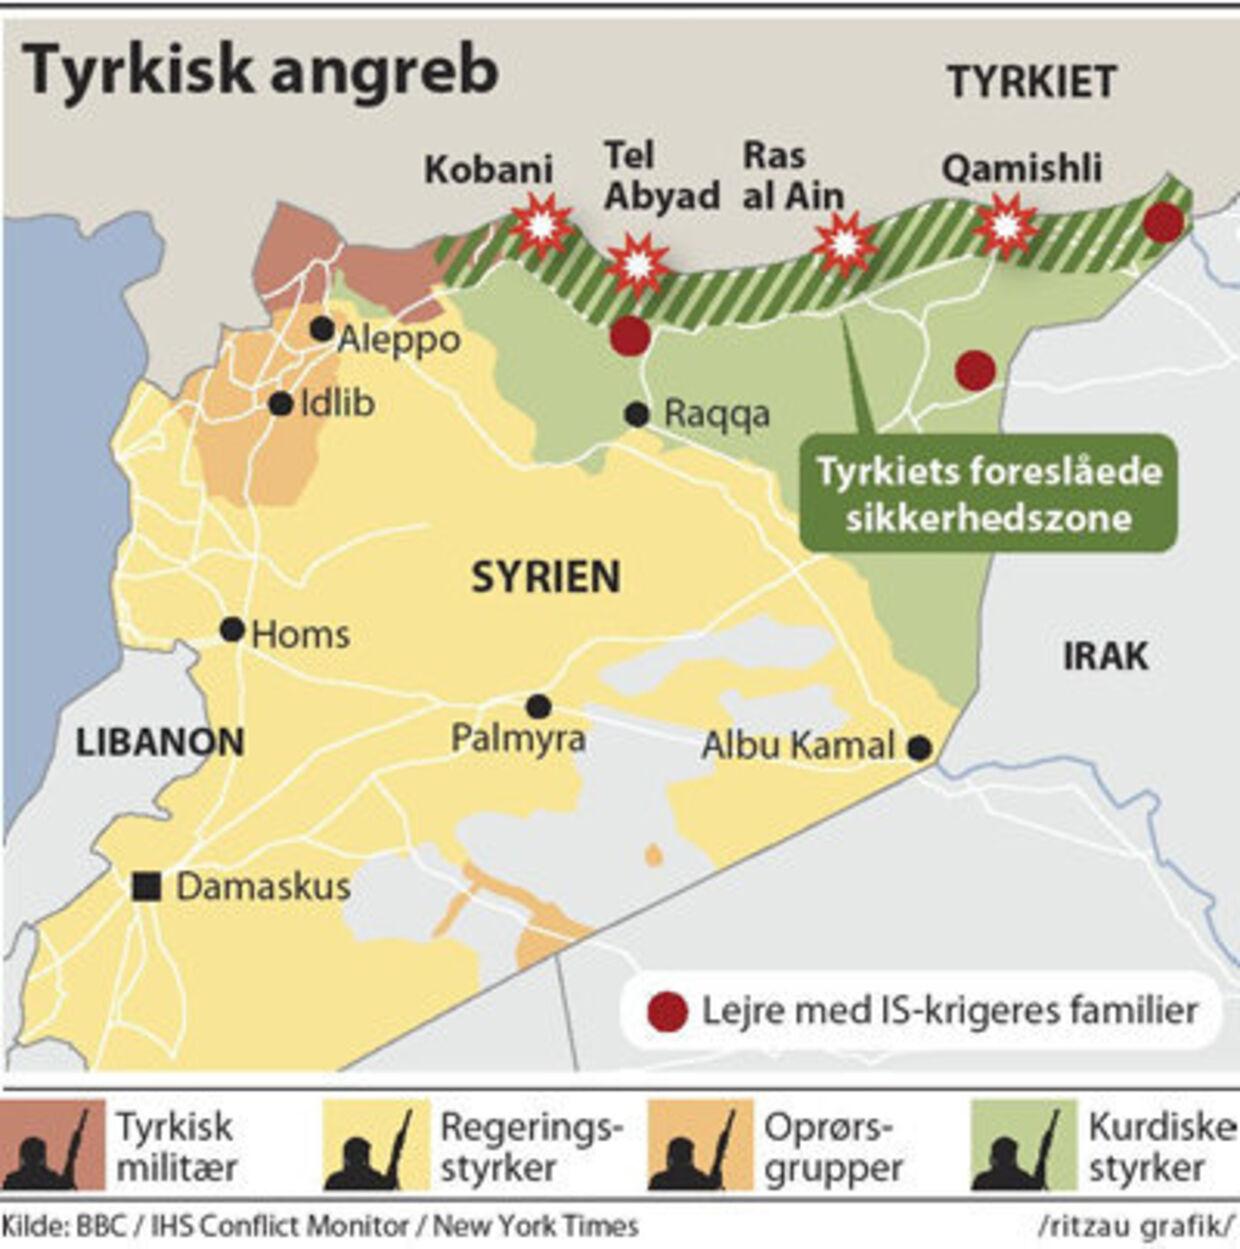 Her får du overblik over de tyrkiske angreb og det højspændte område.